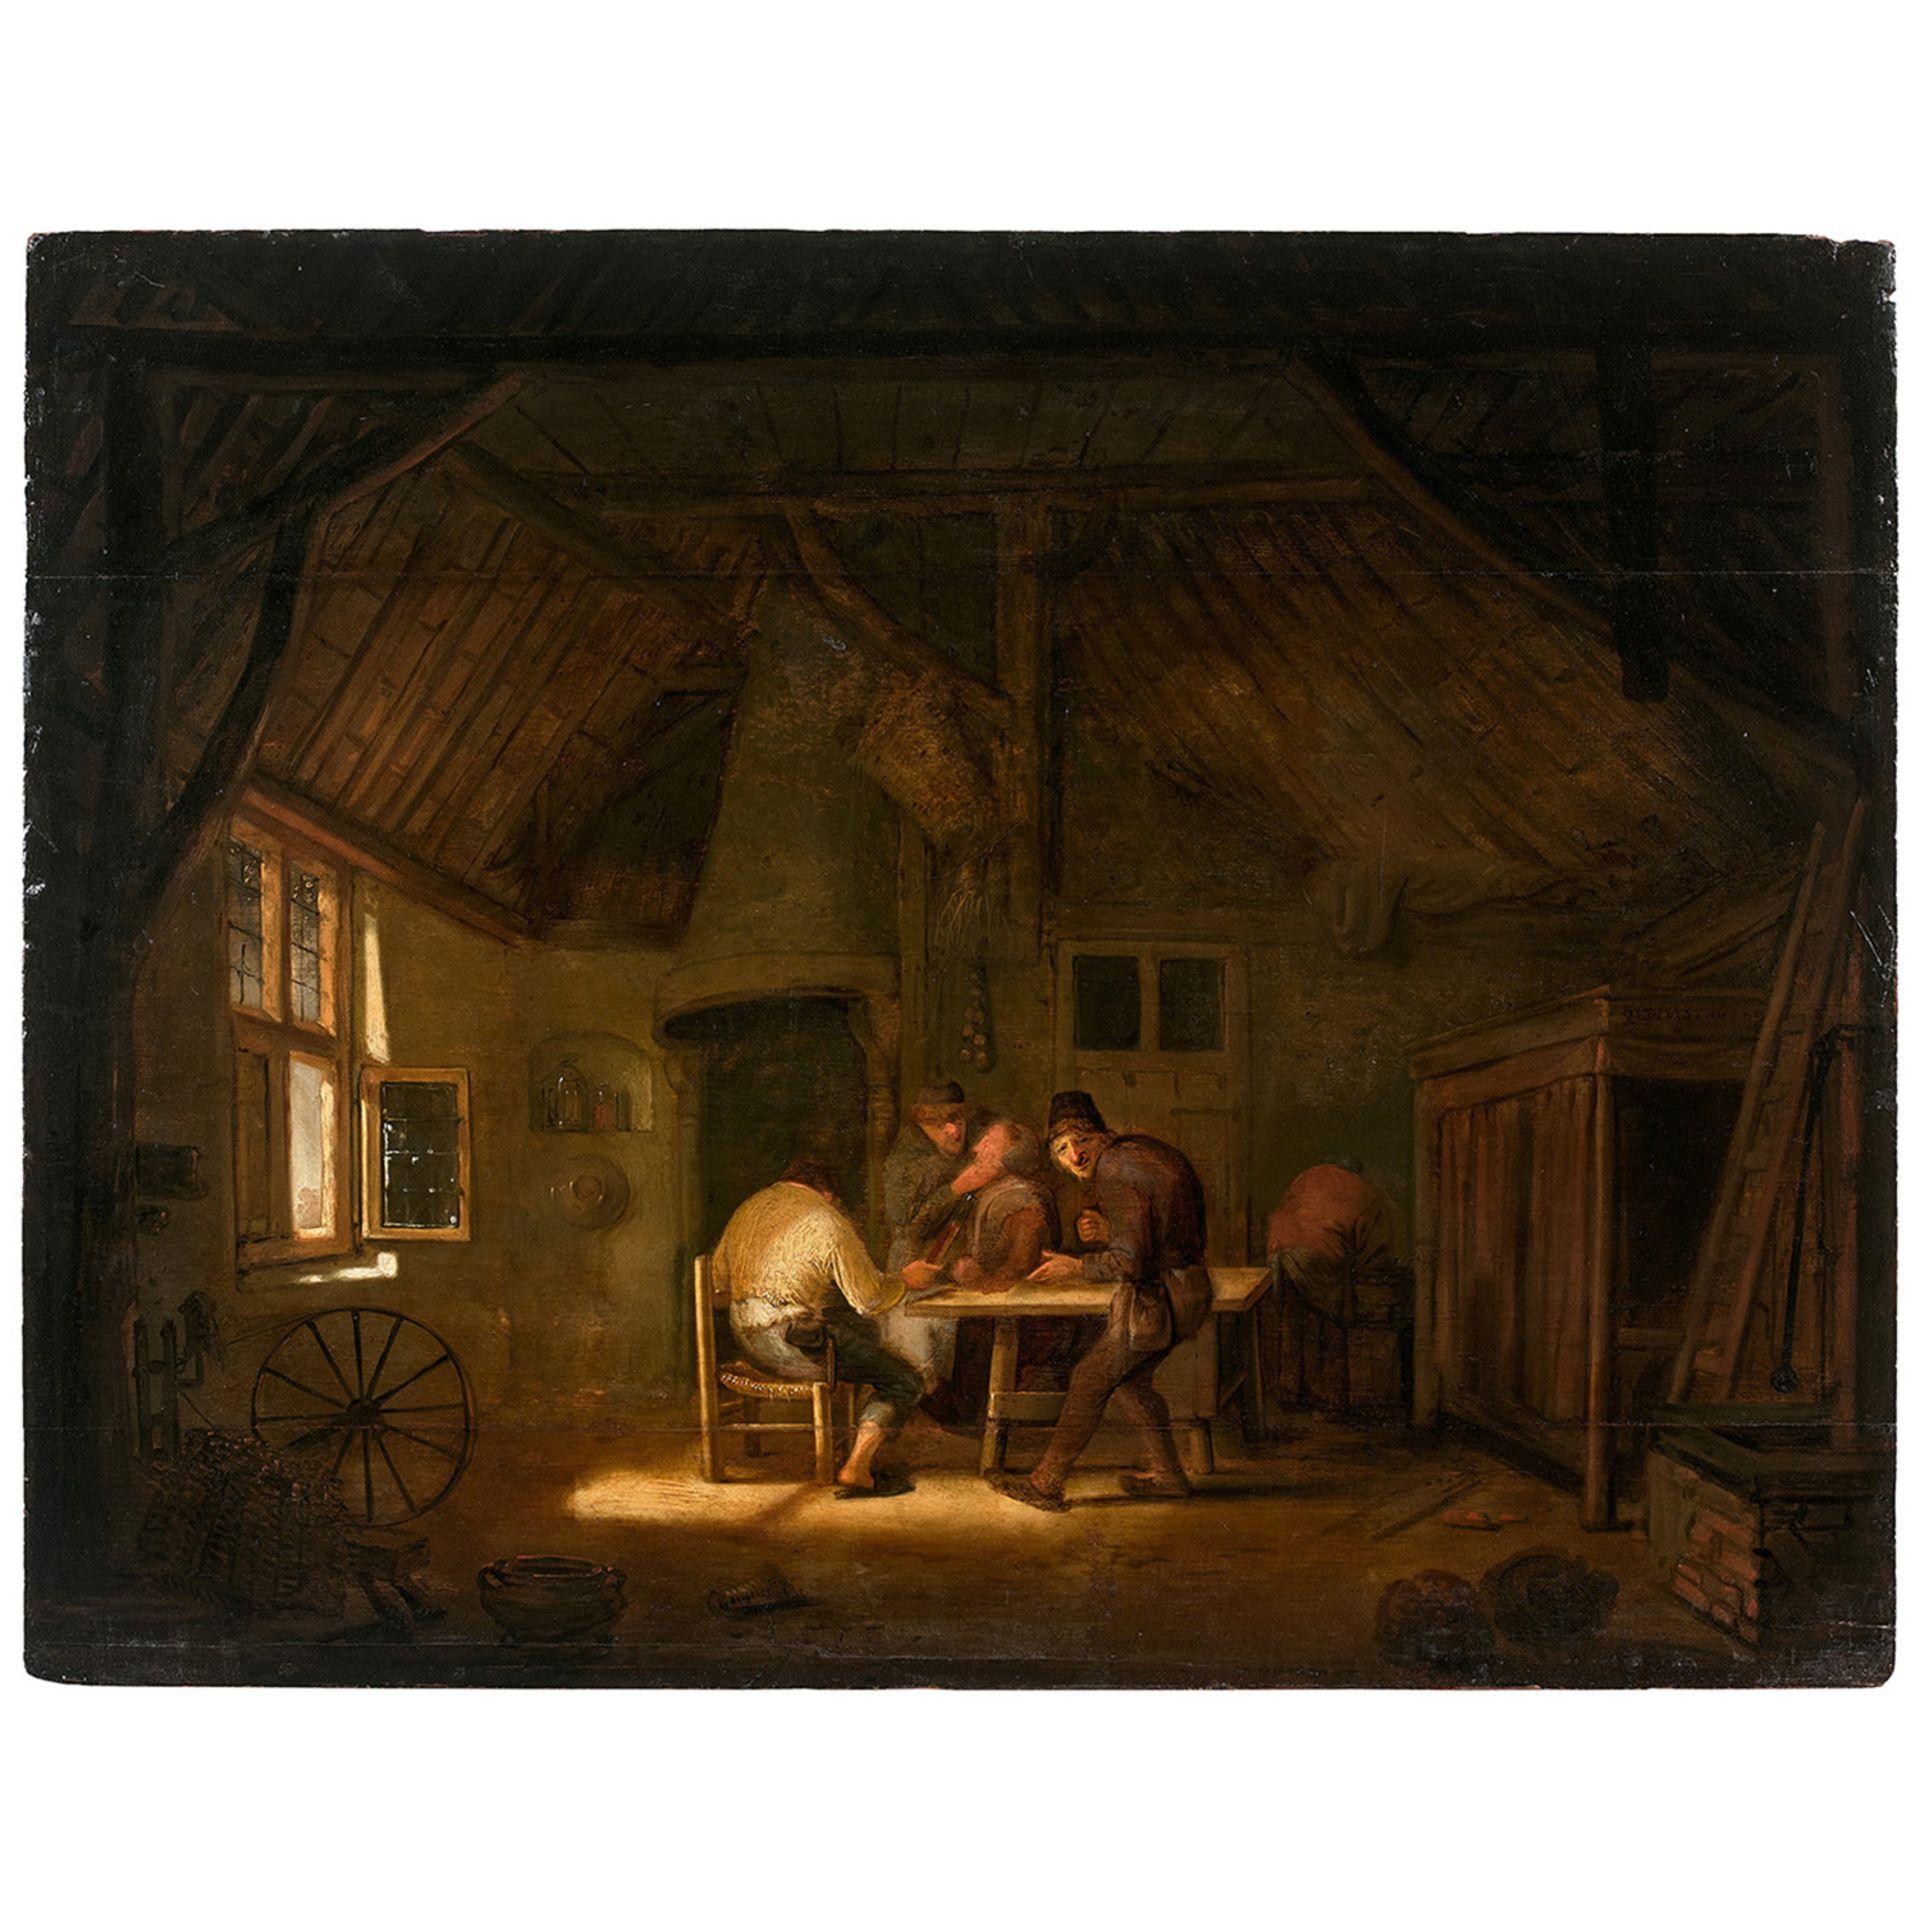 PIETER HERMANSZ VERELST (Dordrecht 1618-1678)